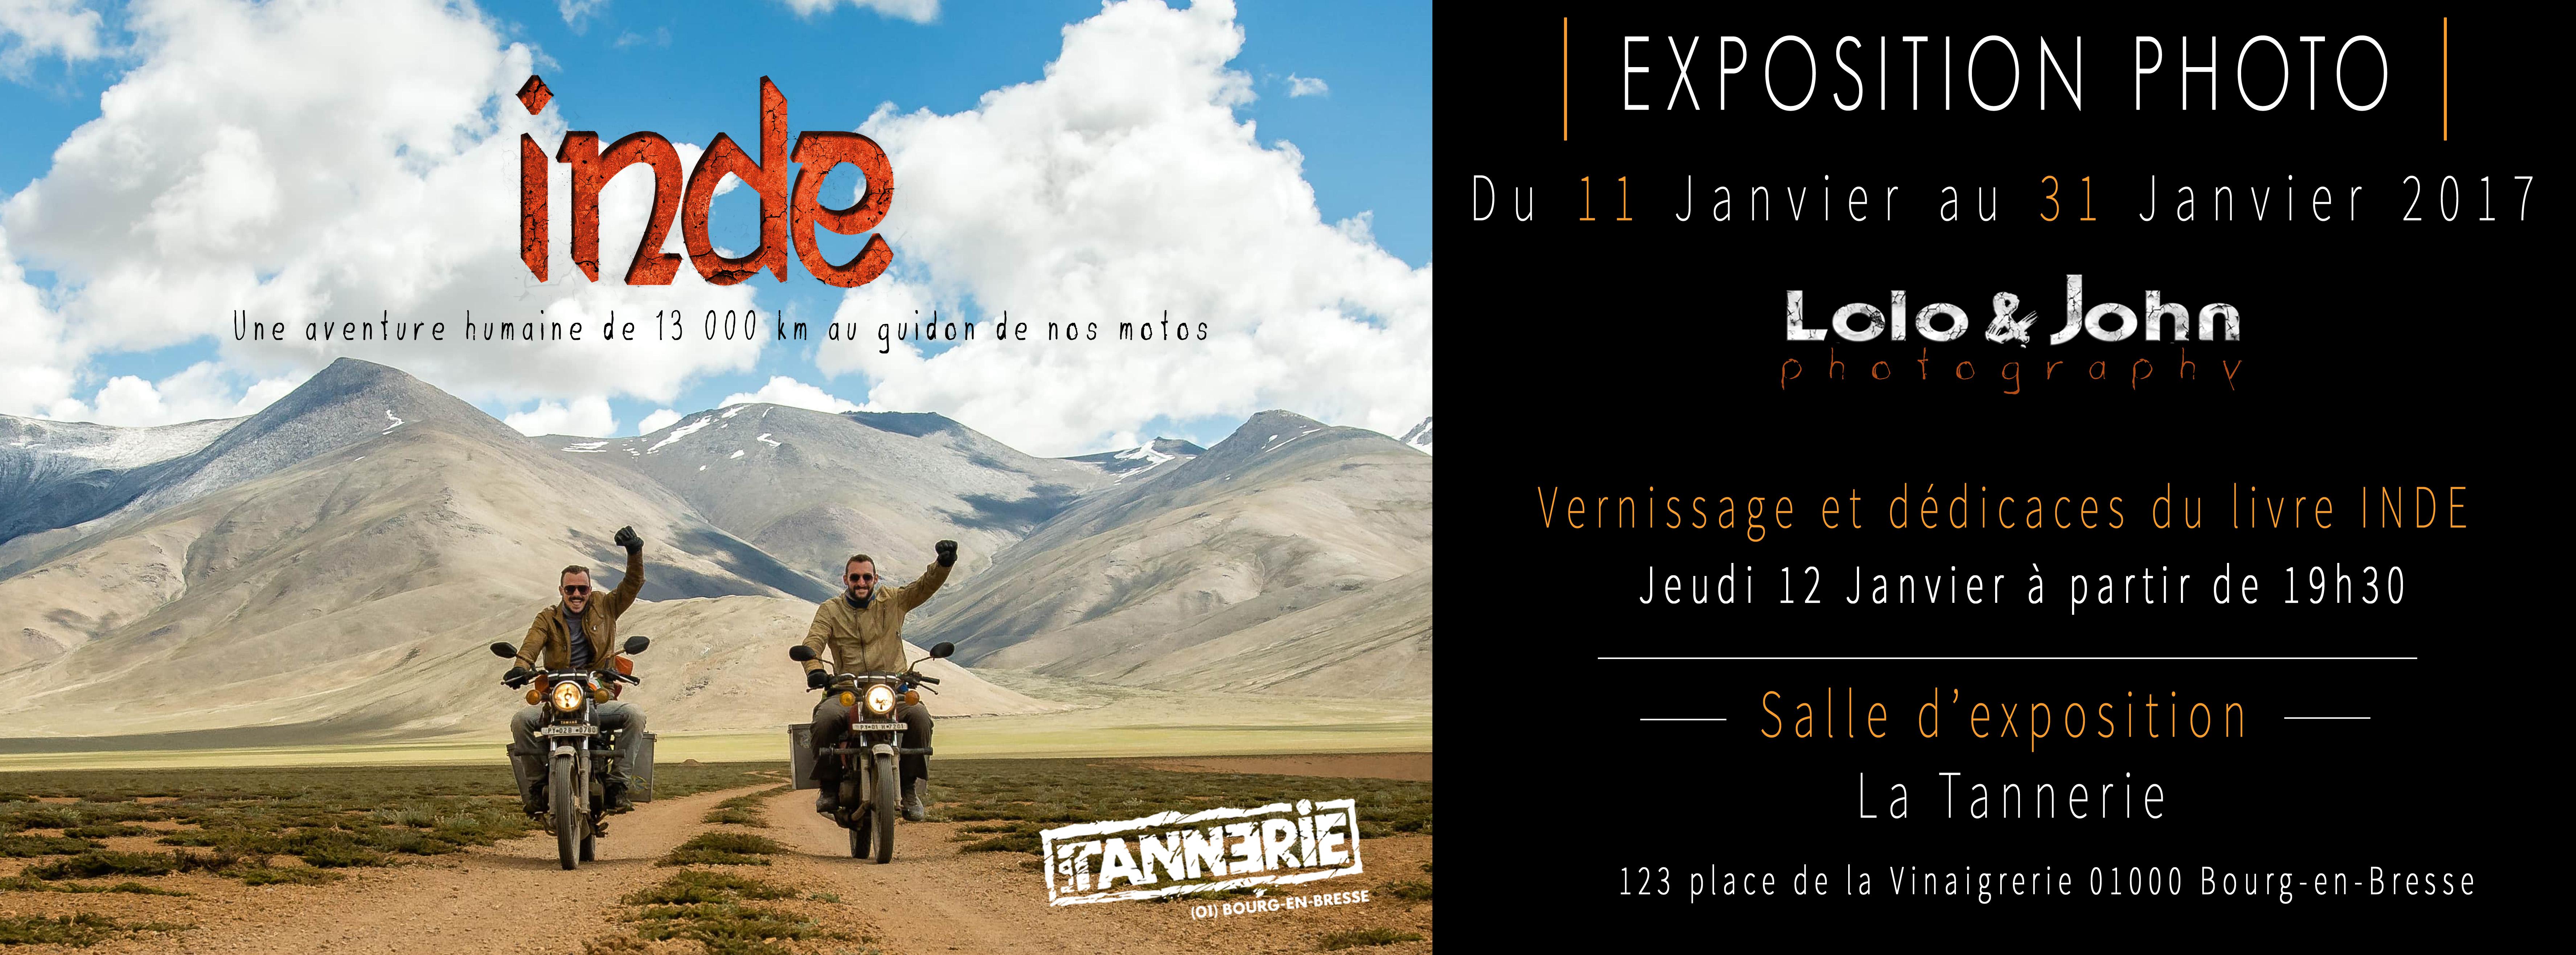 Expo-la-tannerie